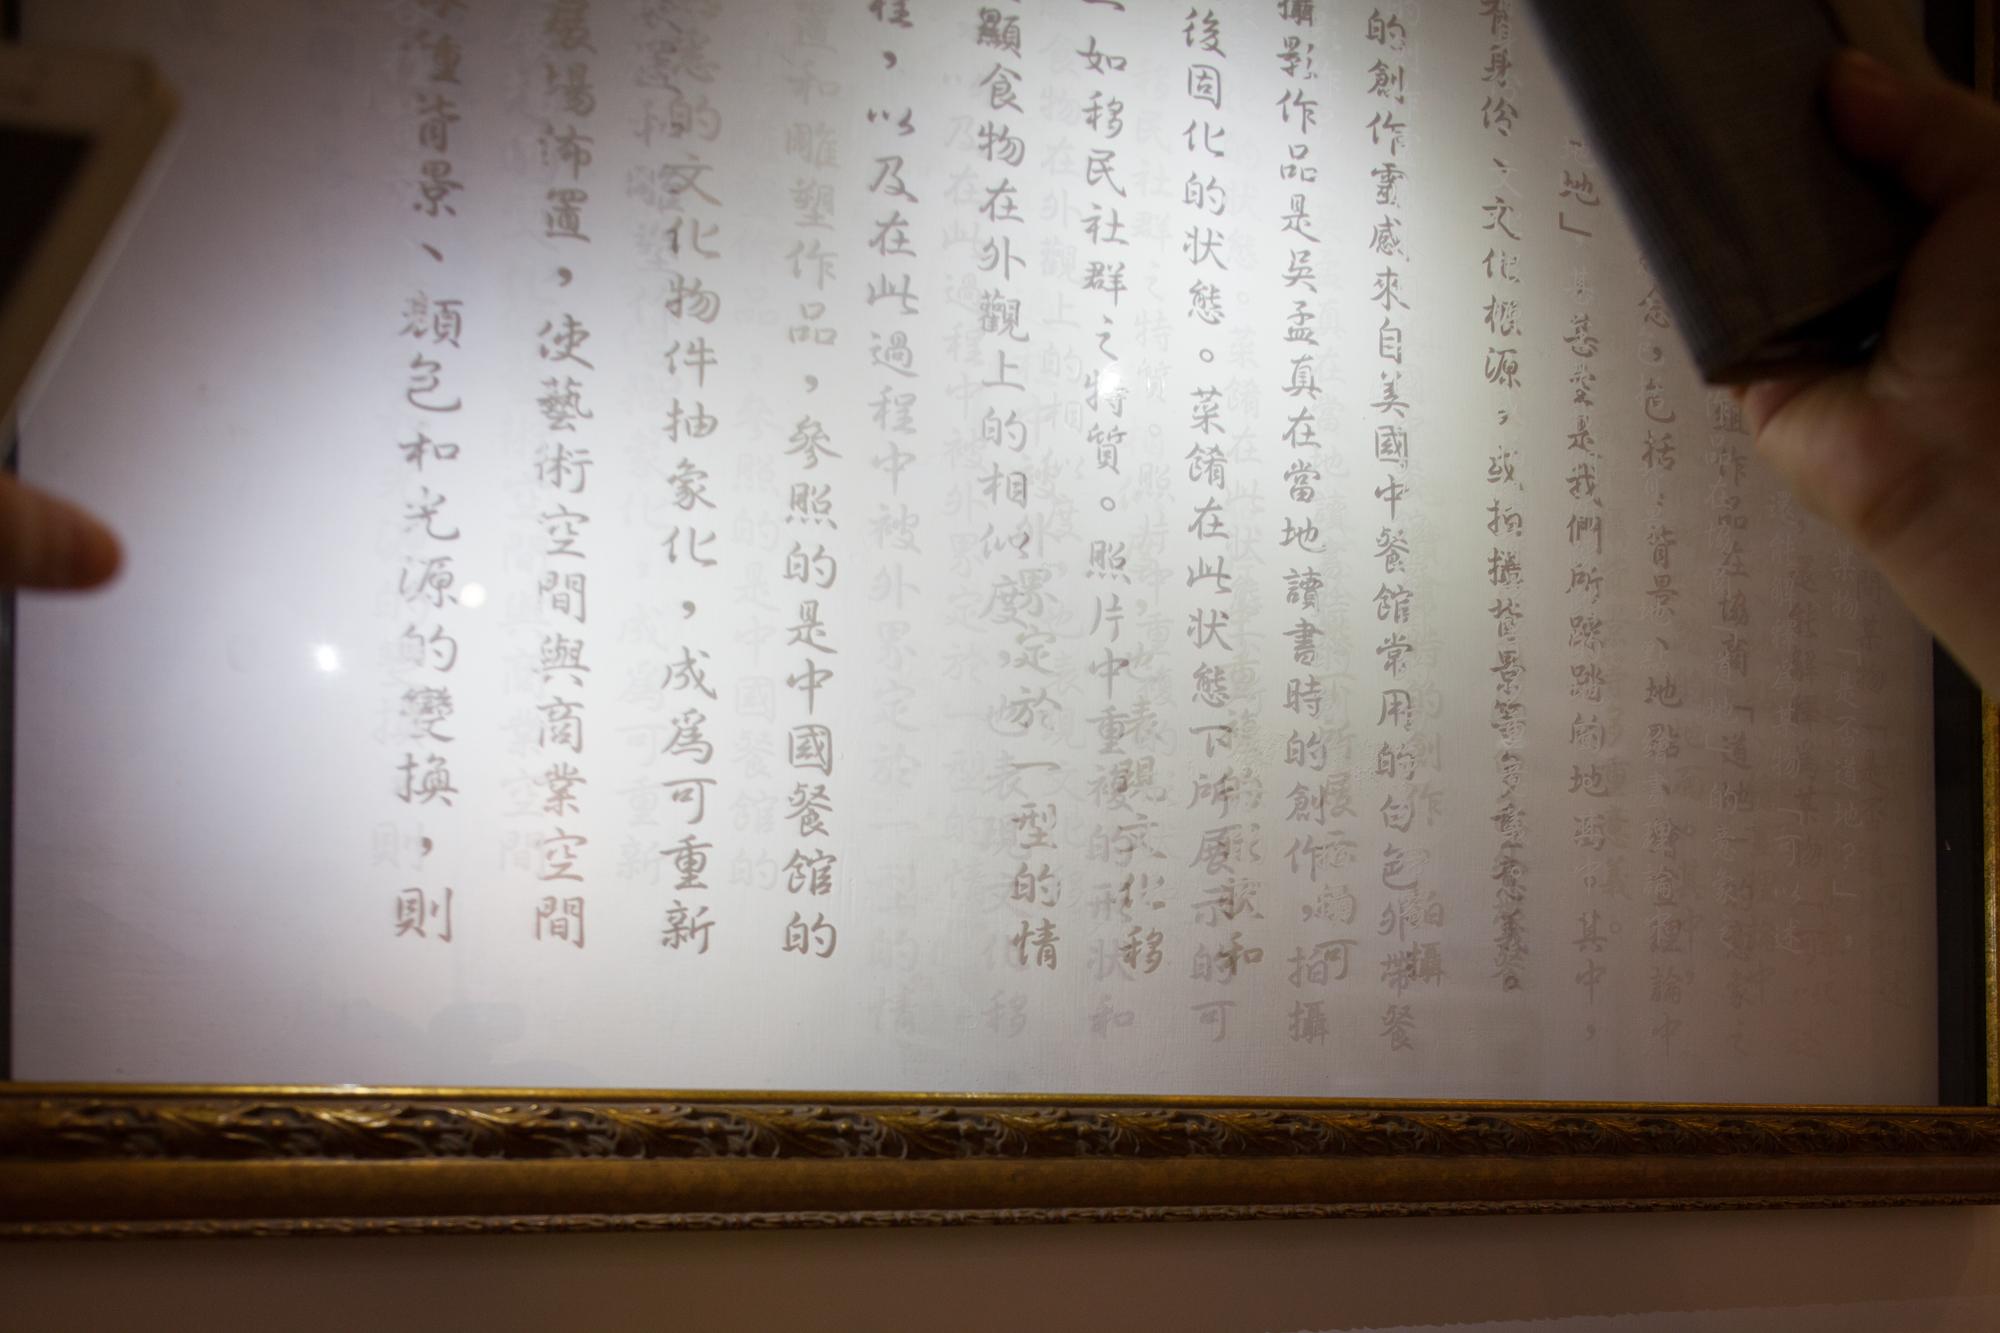 Wu_4-2.jpg